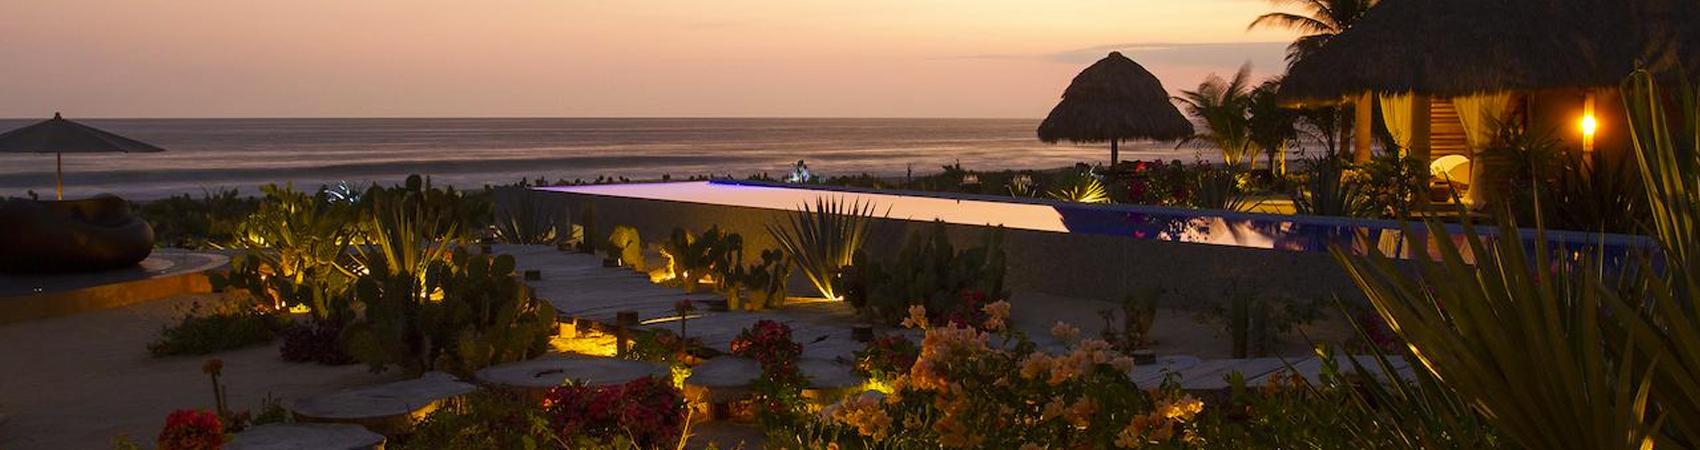 Puerto Escondido Luxury Villas